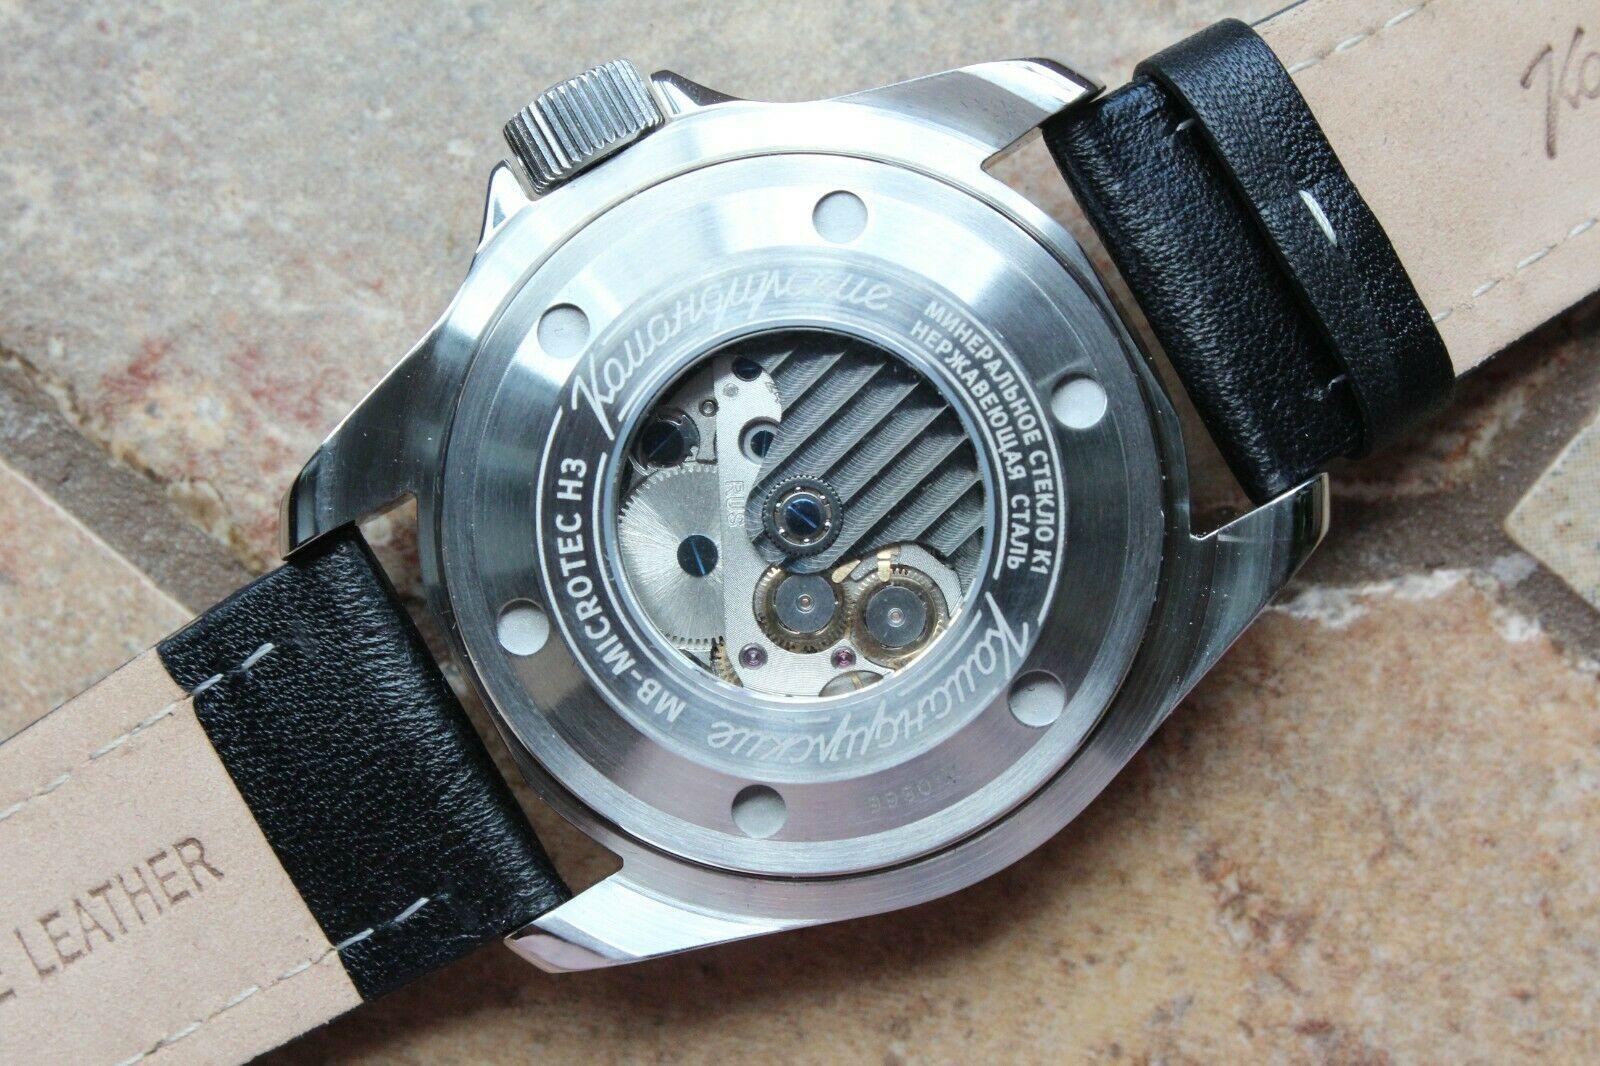 Vostok Komandirsky Russian Mechanical Automatic K-39 Military wristwatch 390775 image 7